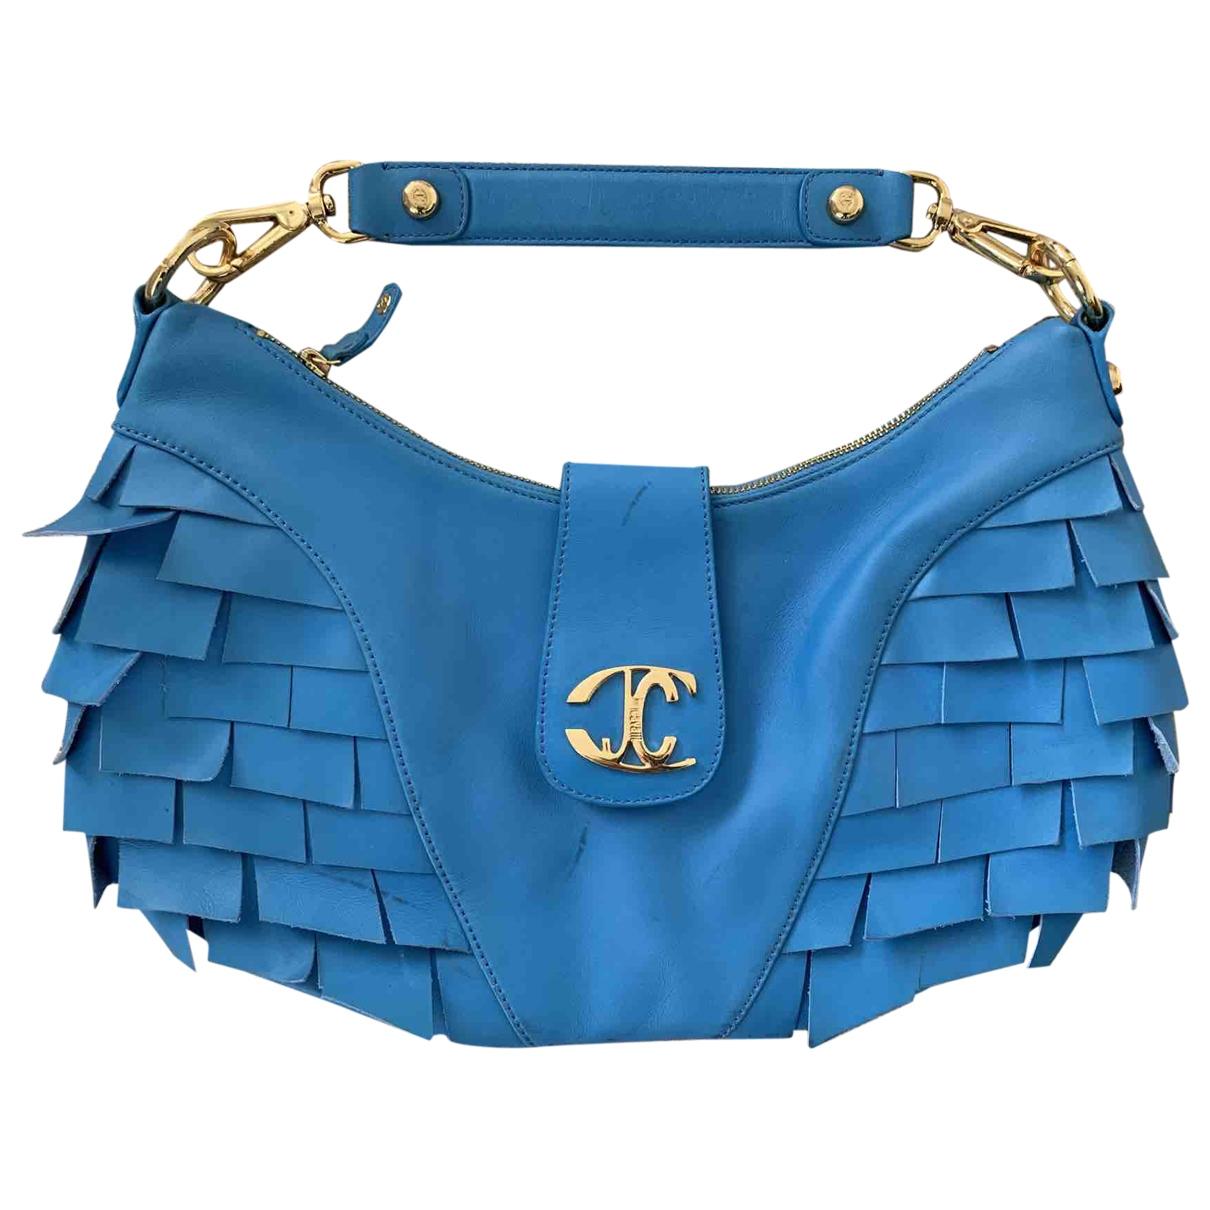 Just Cavalli \N Handtasche in  Blau Leder